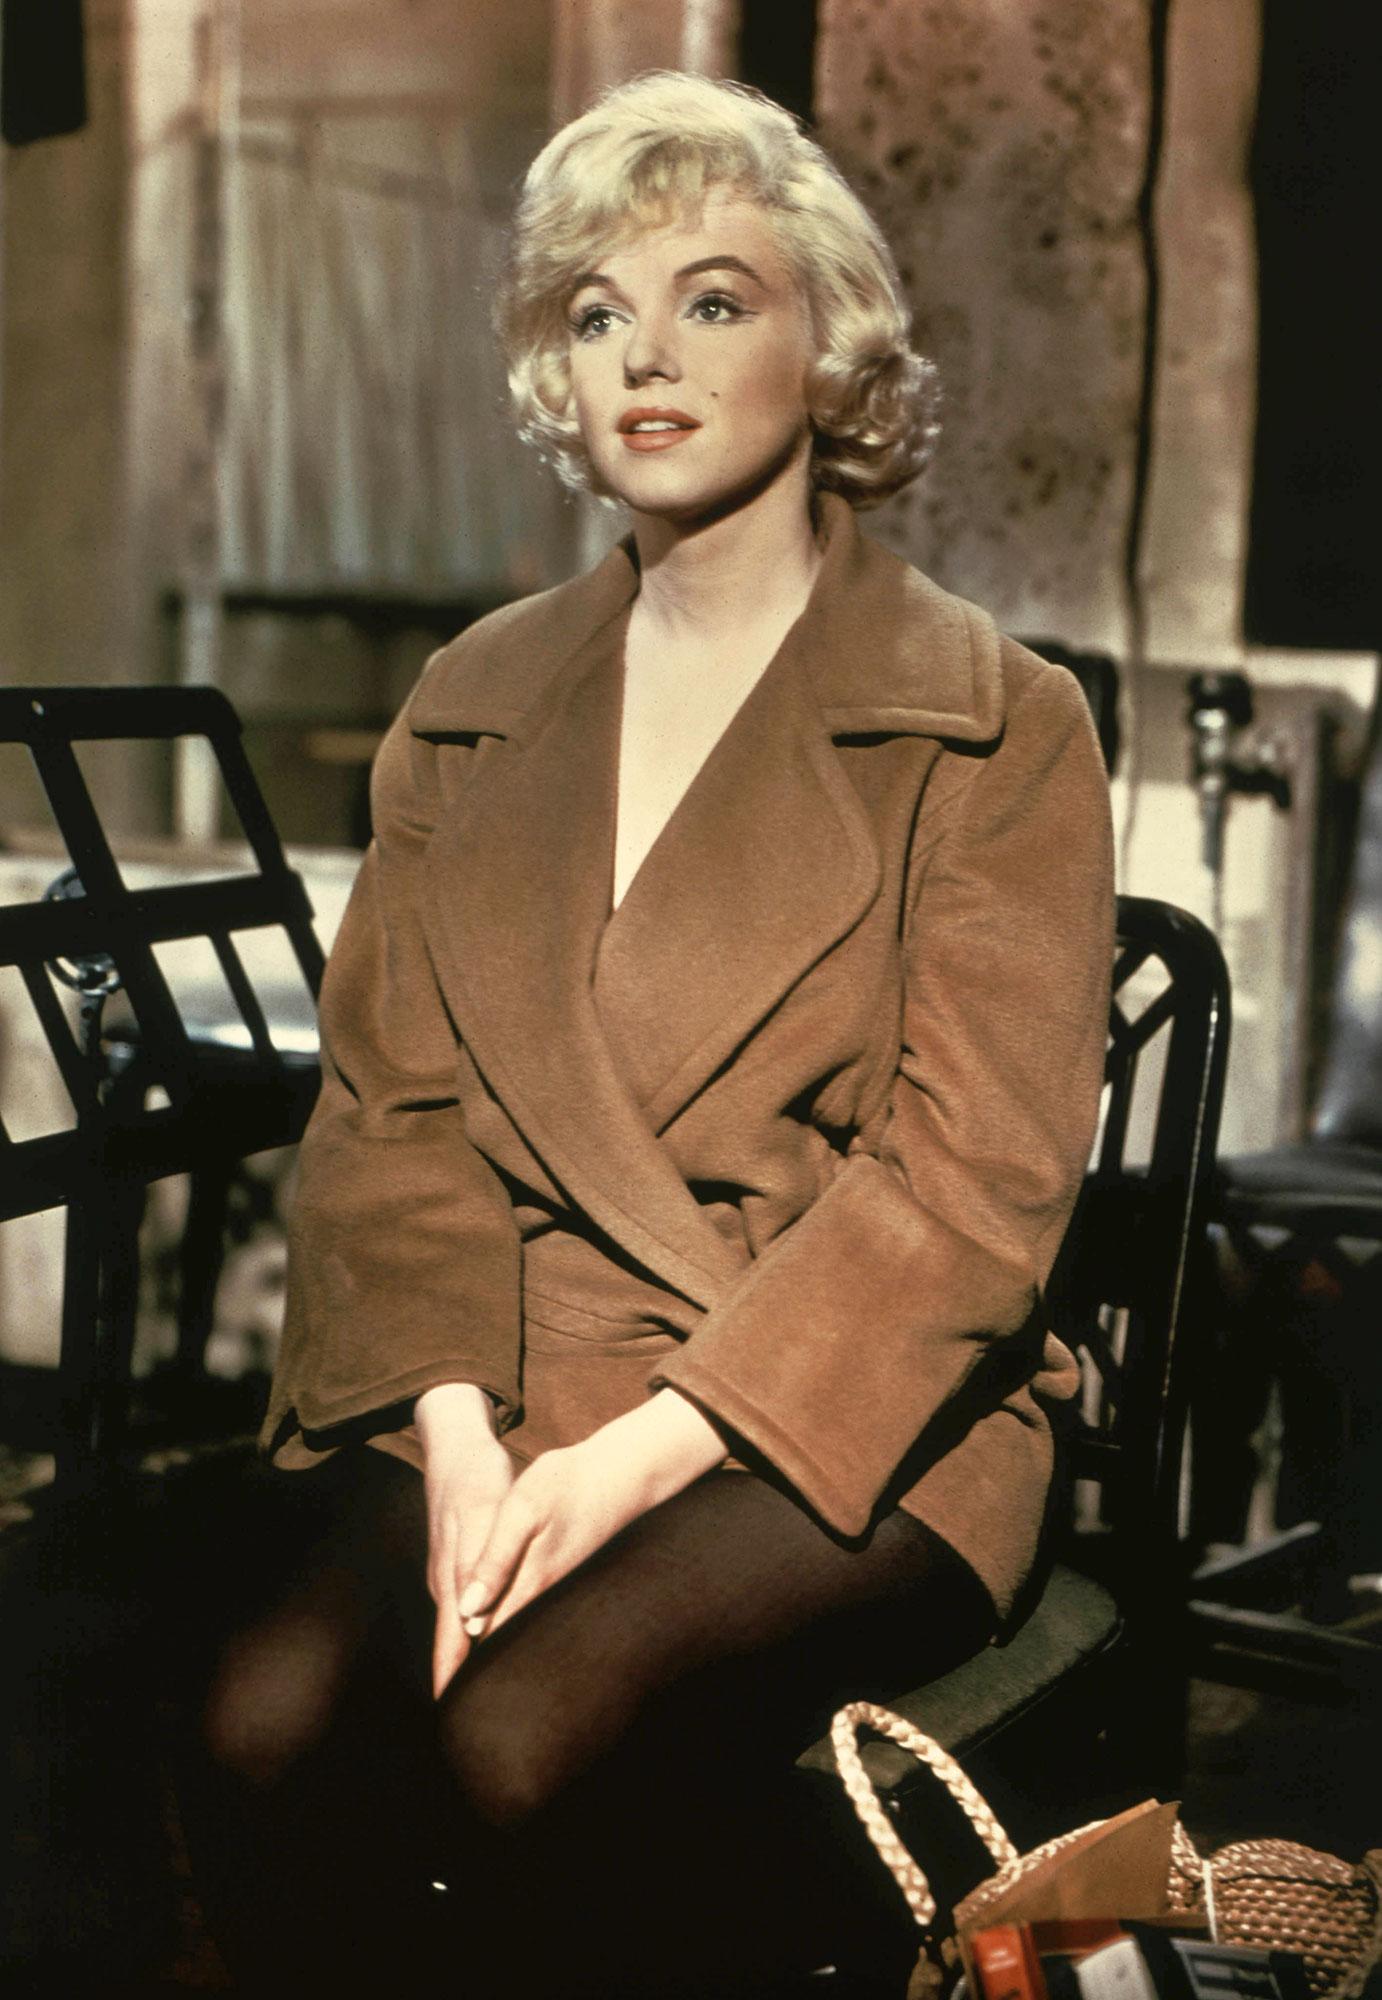 Killing Of Marilyn Monroe Podcast